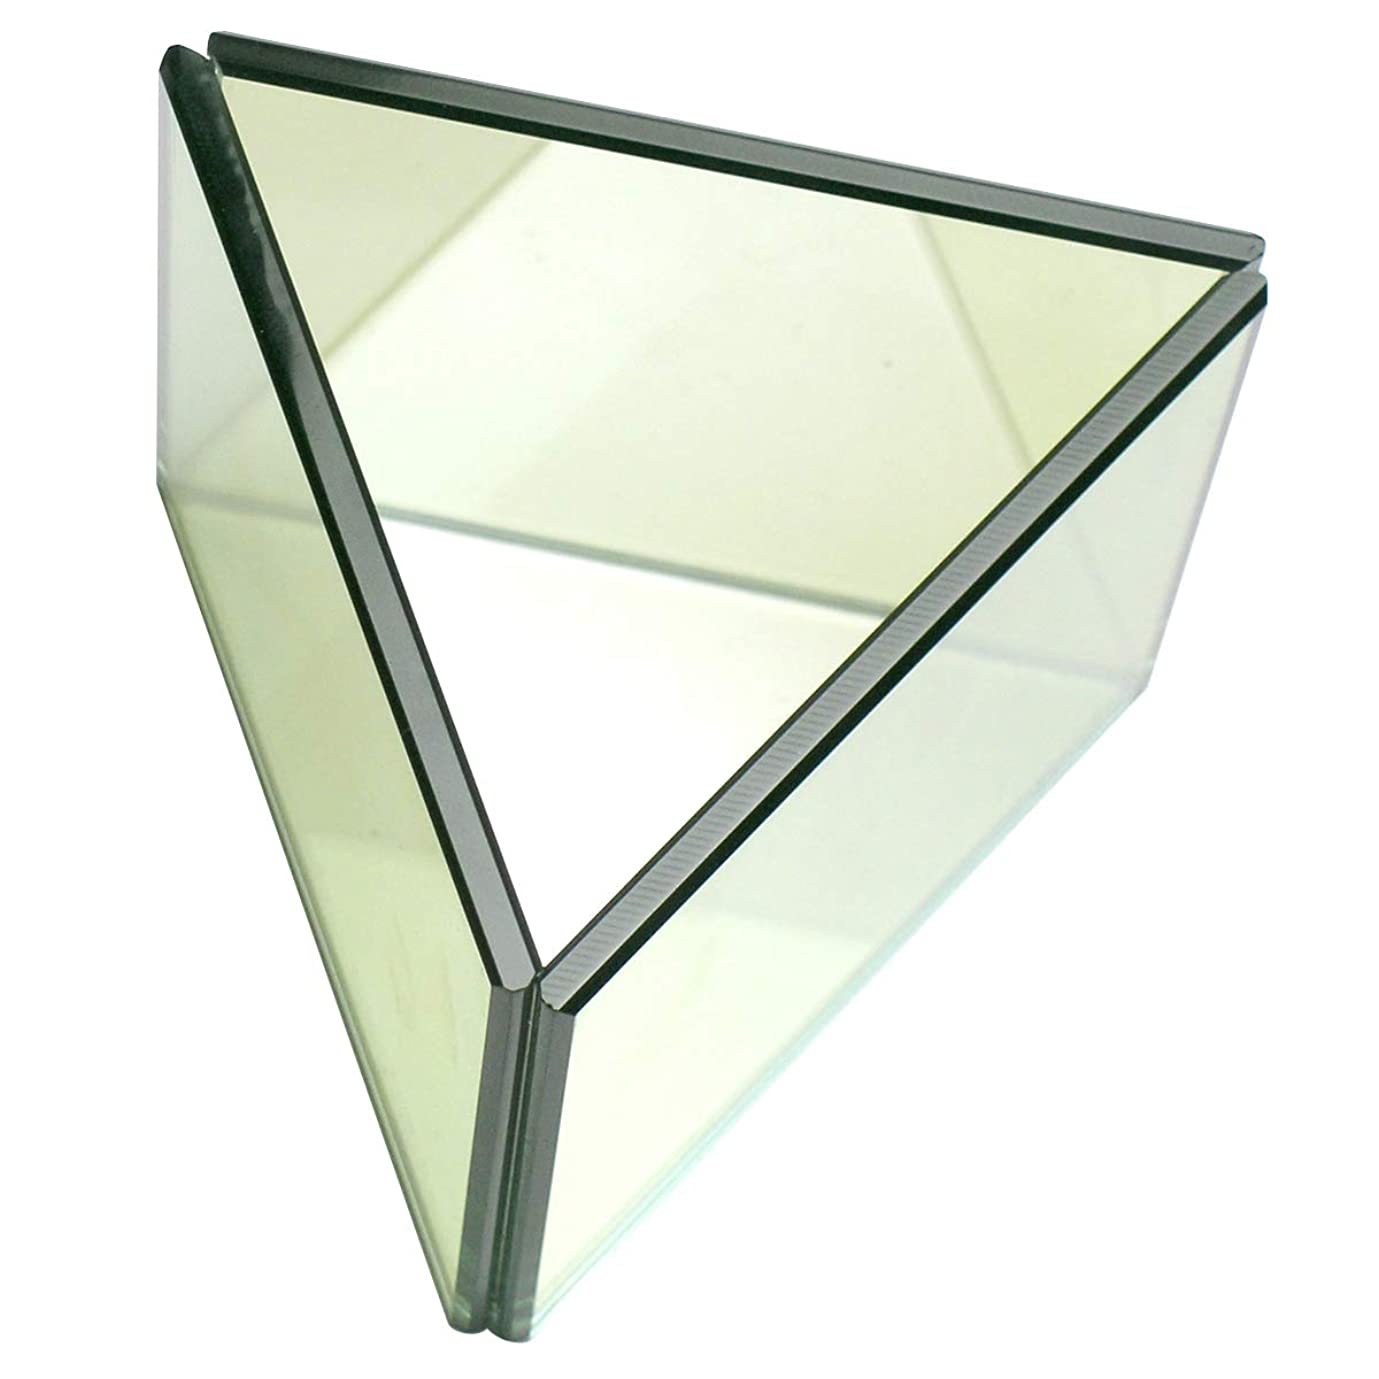 一時的弱めるきゅうり無限連鎖キャンドルホルダー トライアングル ガラス キャンドルスタンド ランタン 誕生日 ティーライトキャンドル